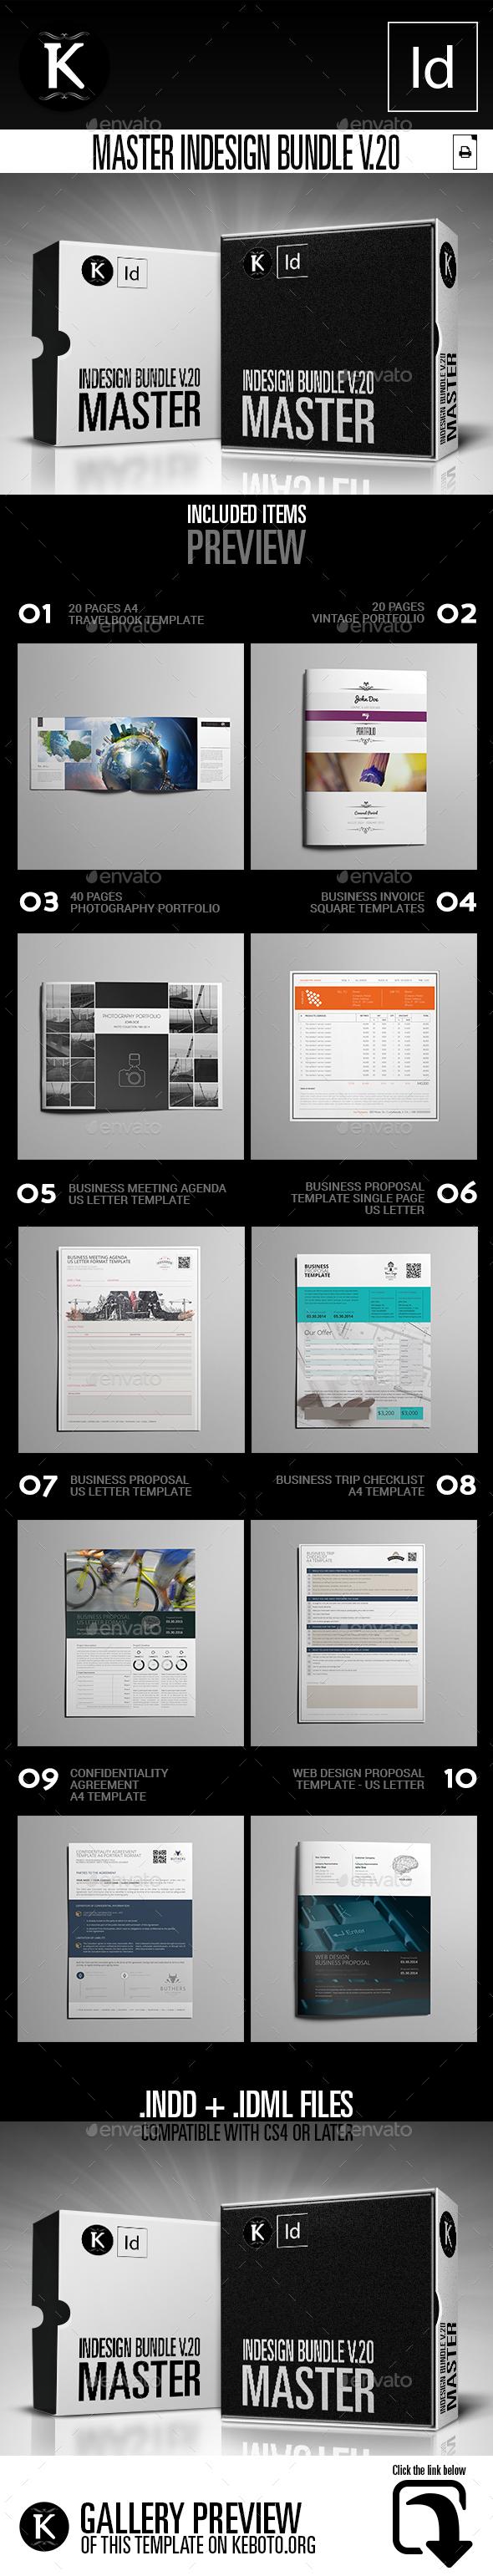 Master inDesign Bundle v.20 - Print Templates